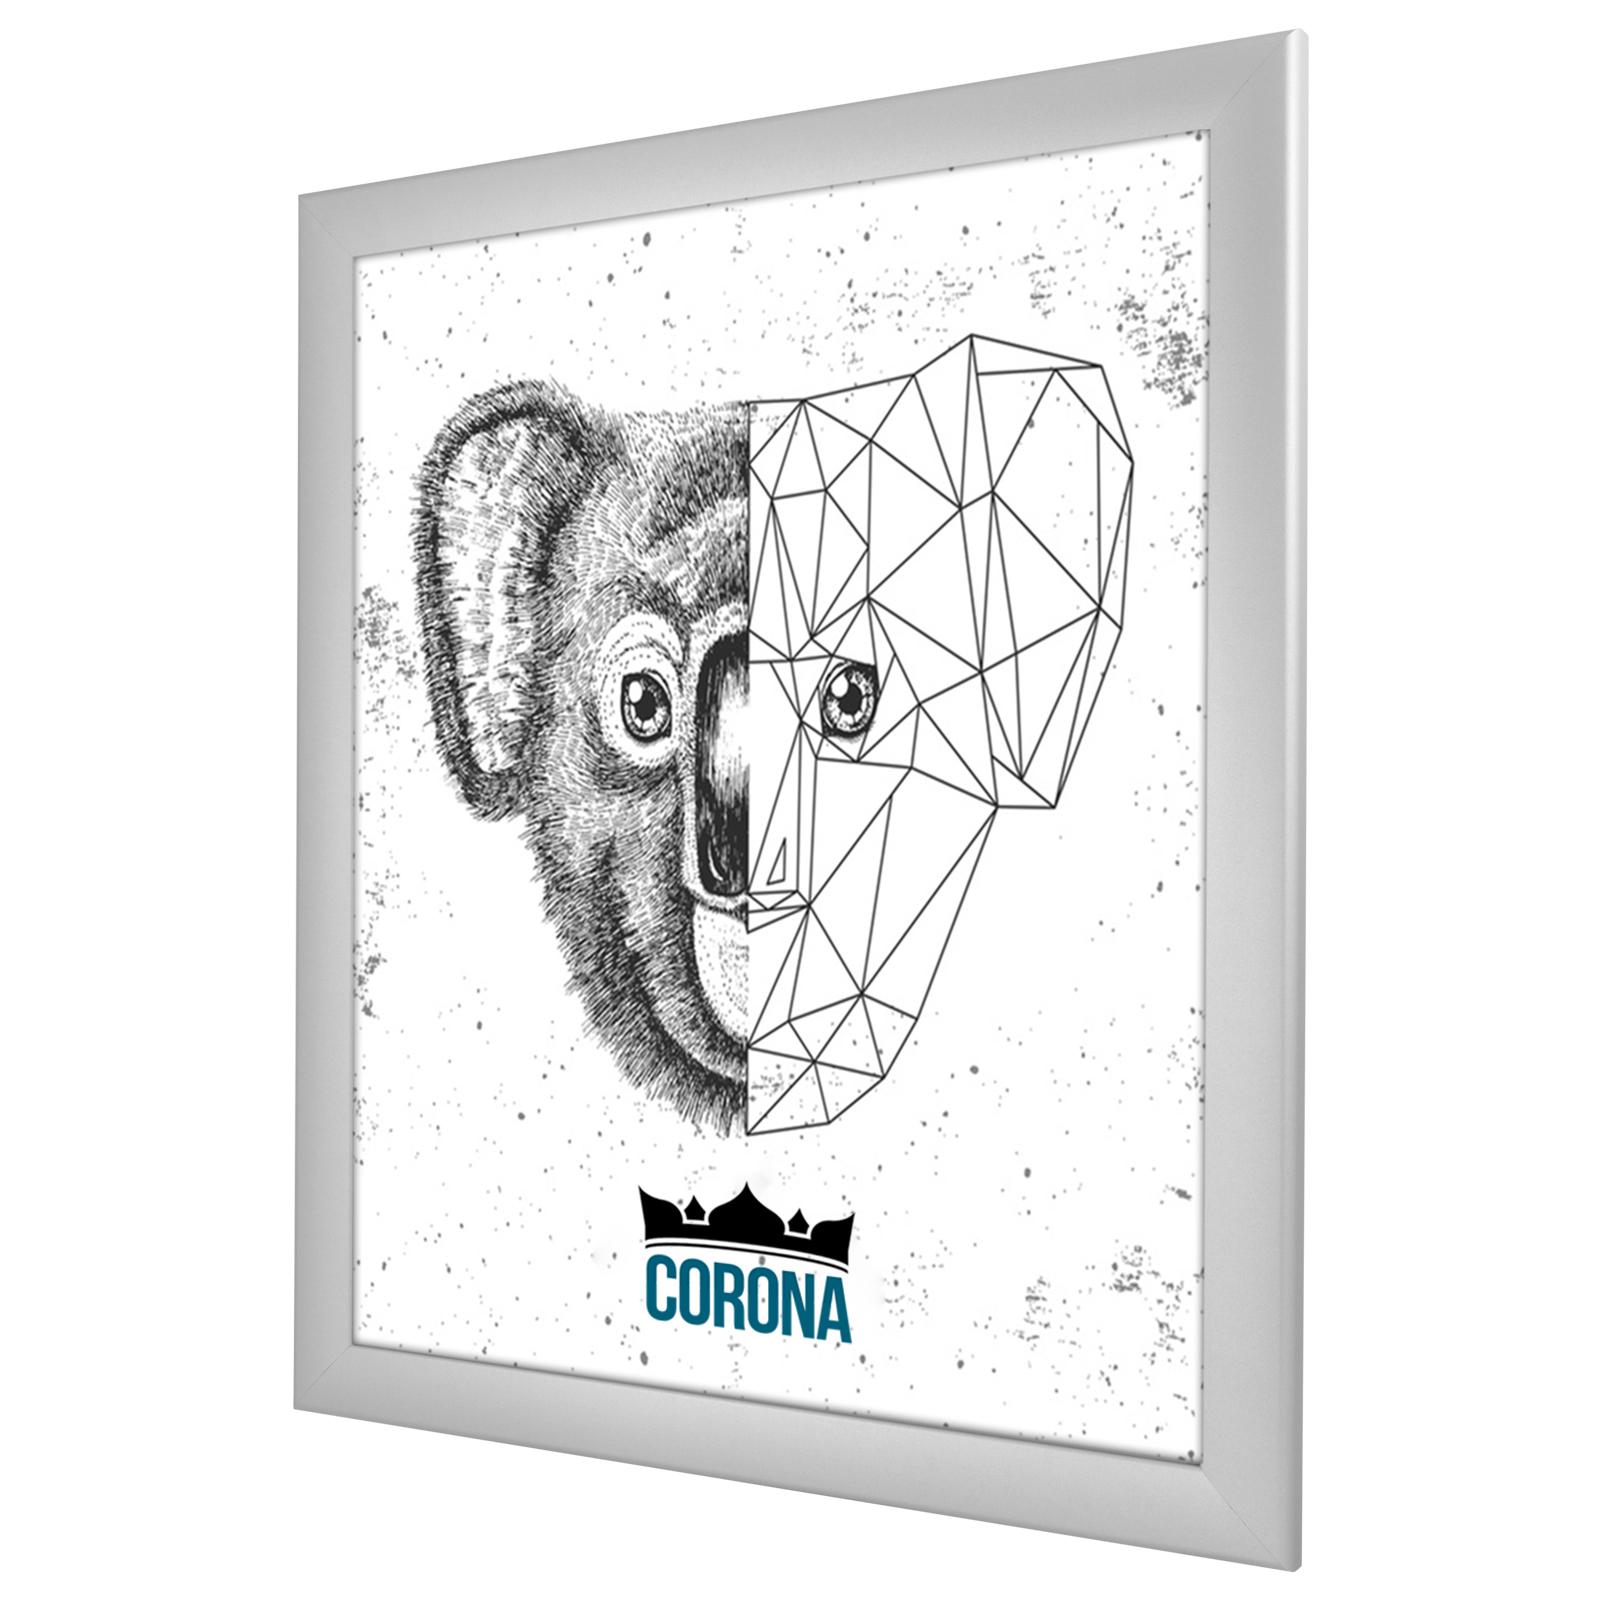 Bilderrahmen CORONA in 25 Farben 70x90 90x70 modern Wechselrahmen NEU Poster